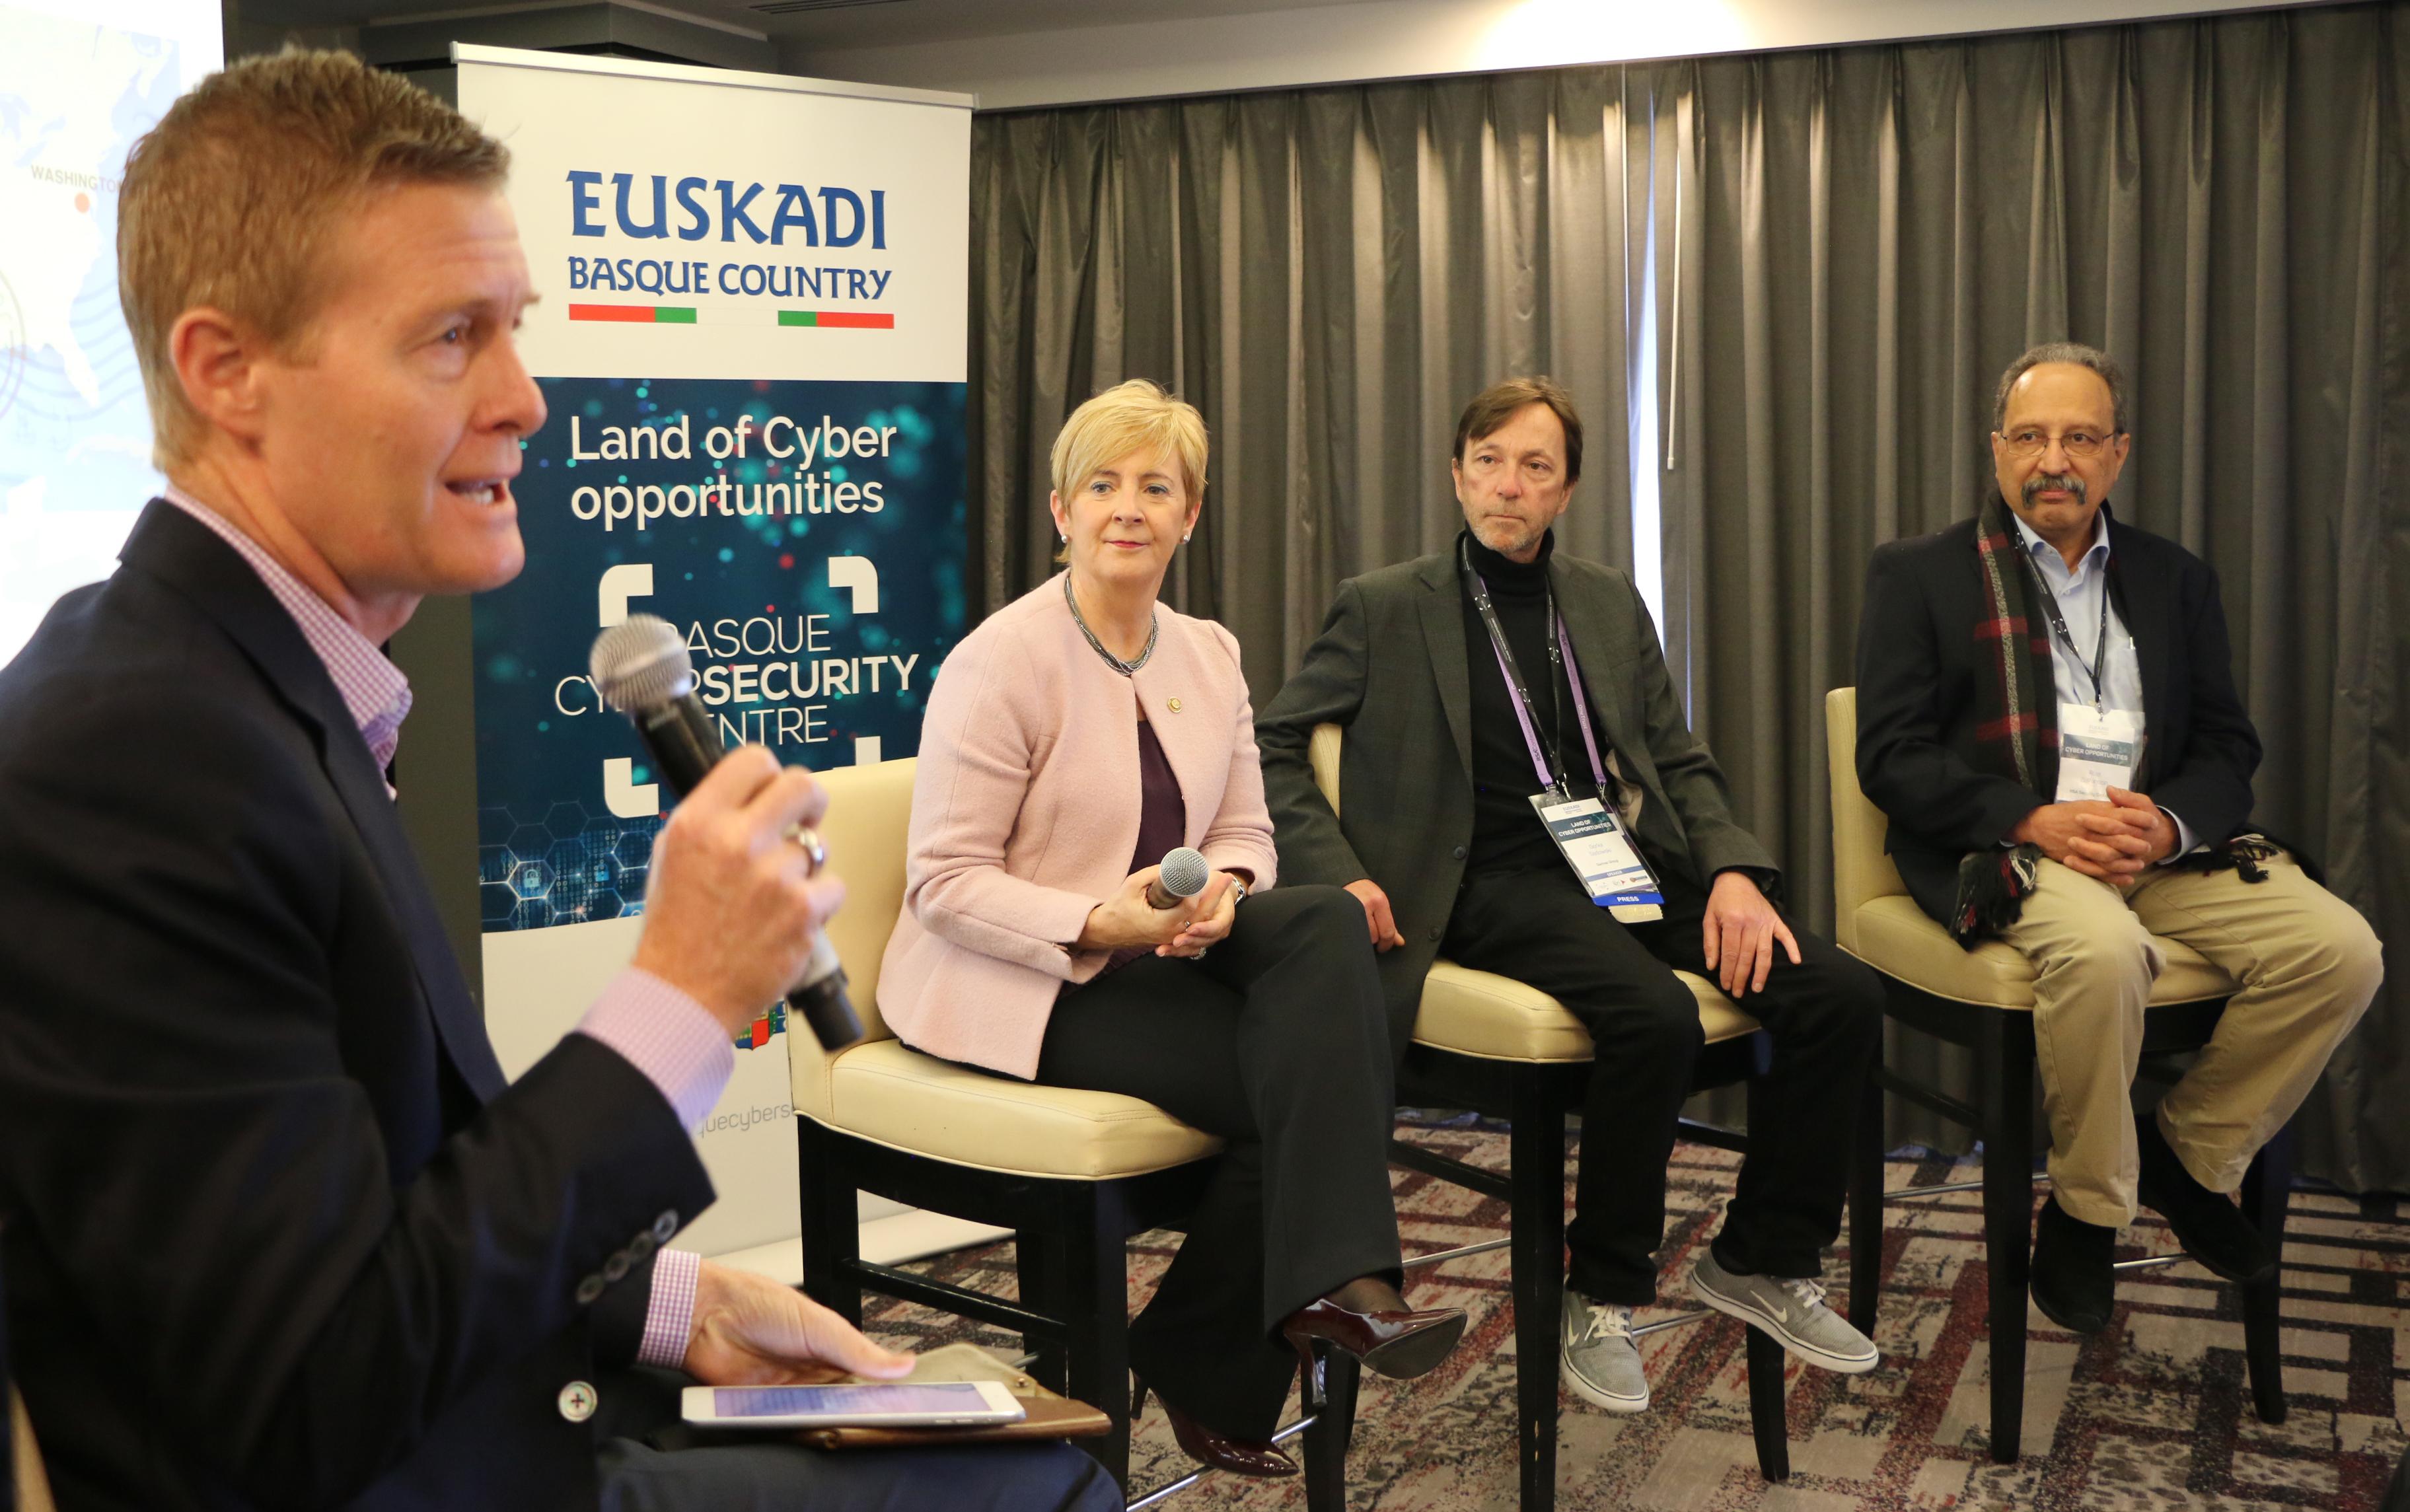 Empresas de ciberseguridad de Euskadi muestran su tecnología a entidades inversoras internacionales en una jornada organizada por el BCSC